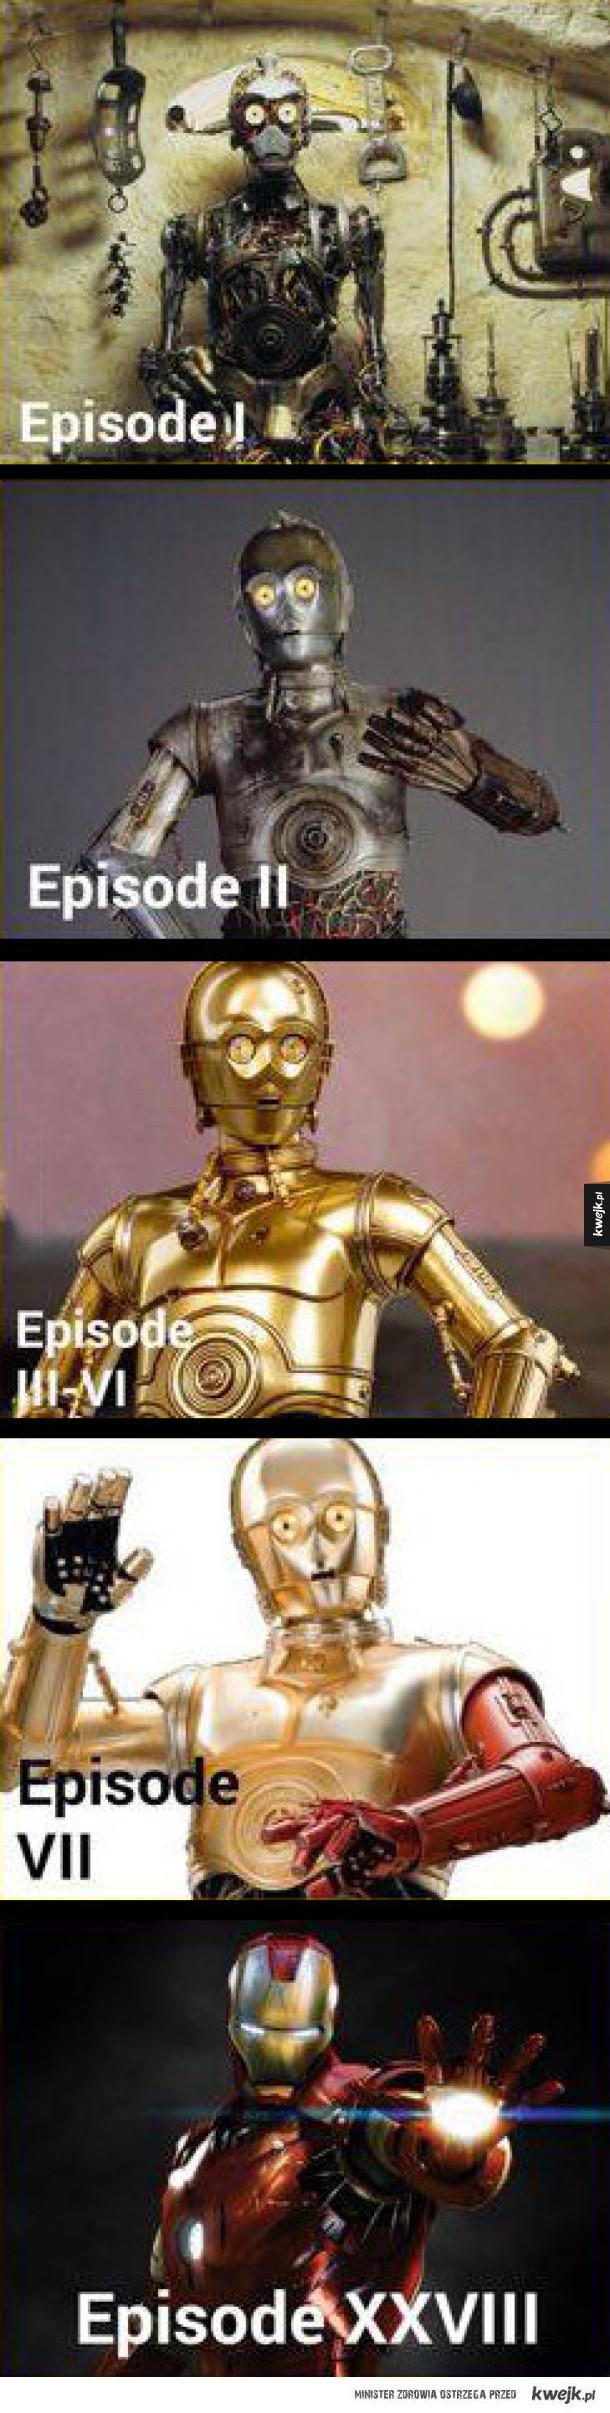 Ewolucja C3PO